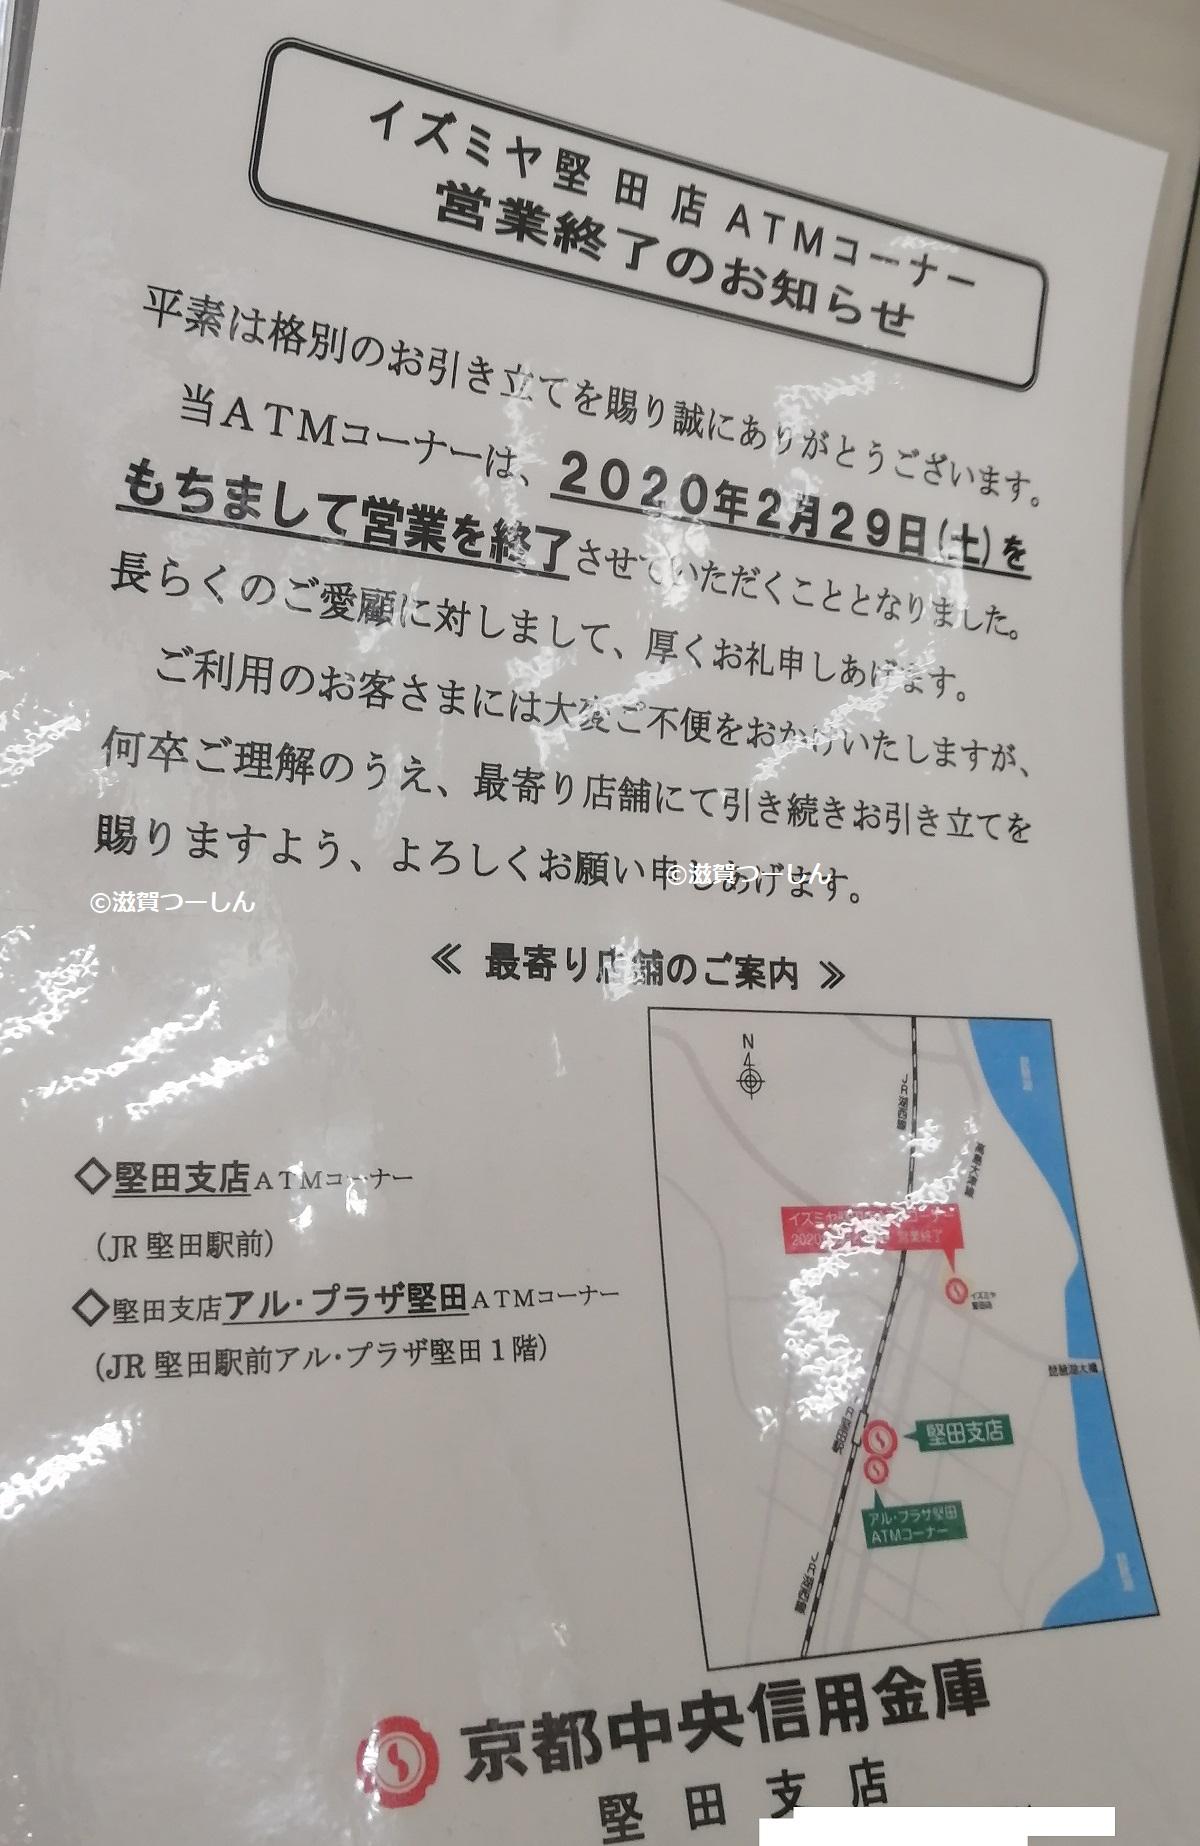 京都 中央 信用 金庫 atm